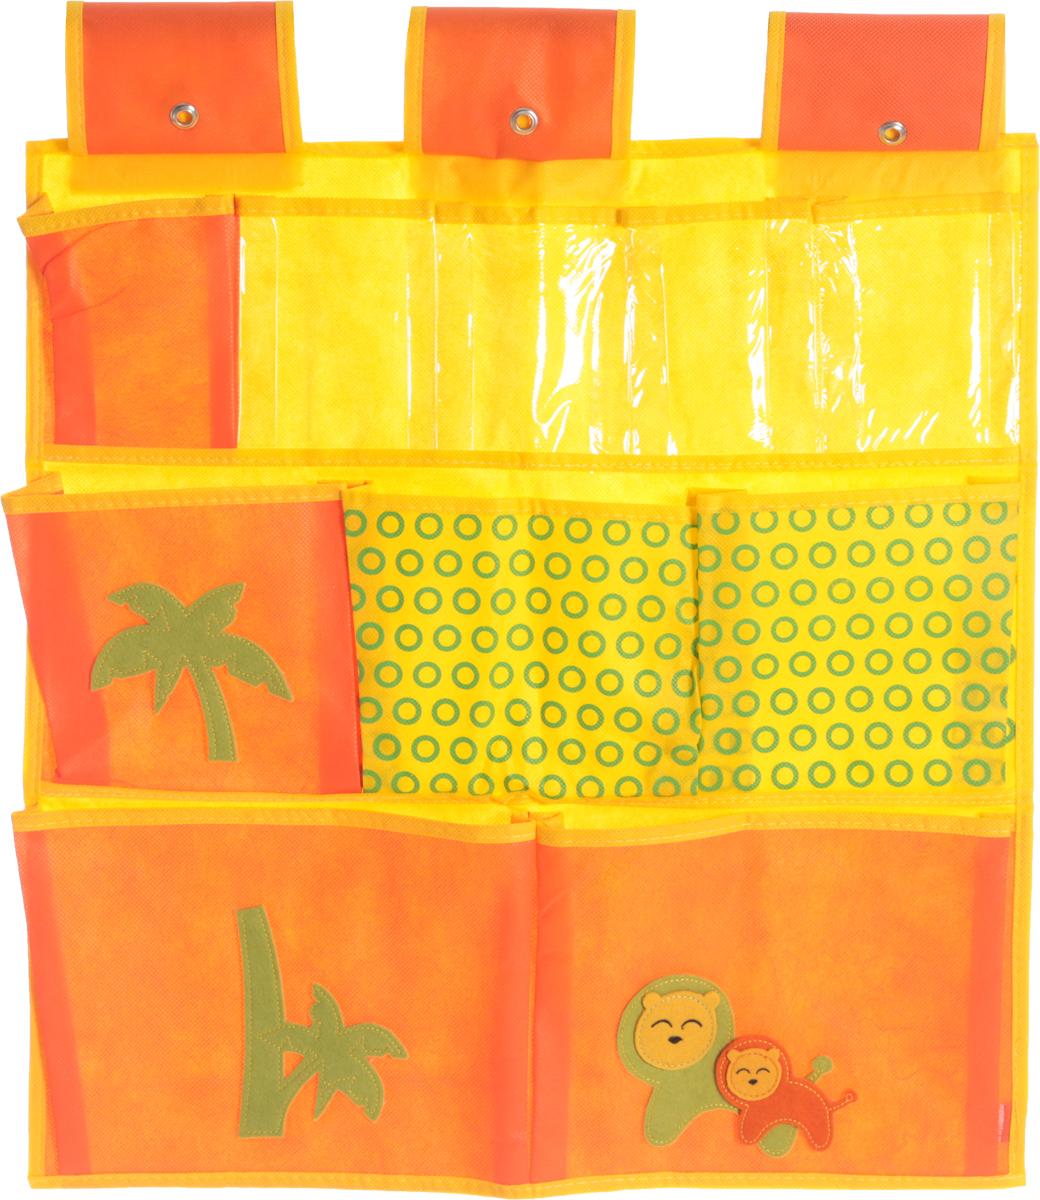 Кофр детский Все на местах Sunny Jungle, подвесной, цвет: желтый, оранжевый, 10 карманов, 57 x 57 смБрелок для ключейПодвесной квадратный кофр для хранения детских мелочей Все на местах Sunny Jungle изготовлен из высококачественного нетканого материала (спанбонда), ПВХ и фетра. Изделие позволяет сохранить естественную вентиляцию, а воздуху свободно проникать внутрь, не пропуская пыль.Кофр оснащен 10 достаточно крупными карманами, которые идеально подойдут для различных принадлежностей вашего ребенка.Мобильность конструкции обеспечивает складывание и раскладывание одним движением. Кофр удобно складывается в чехол. Оформлена модель оригинальными декоративными нашивками. Размер органайзера: 57 х 57 см.